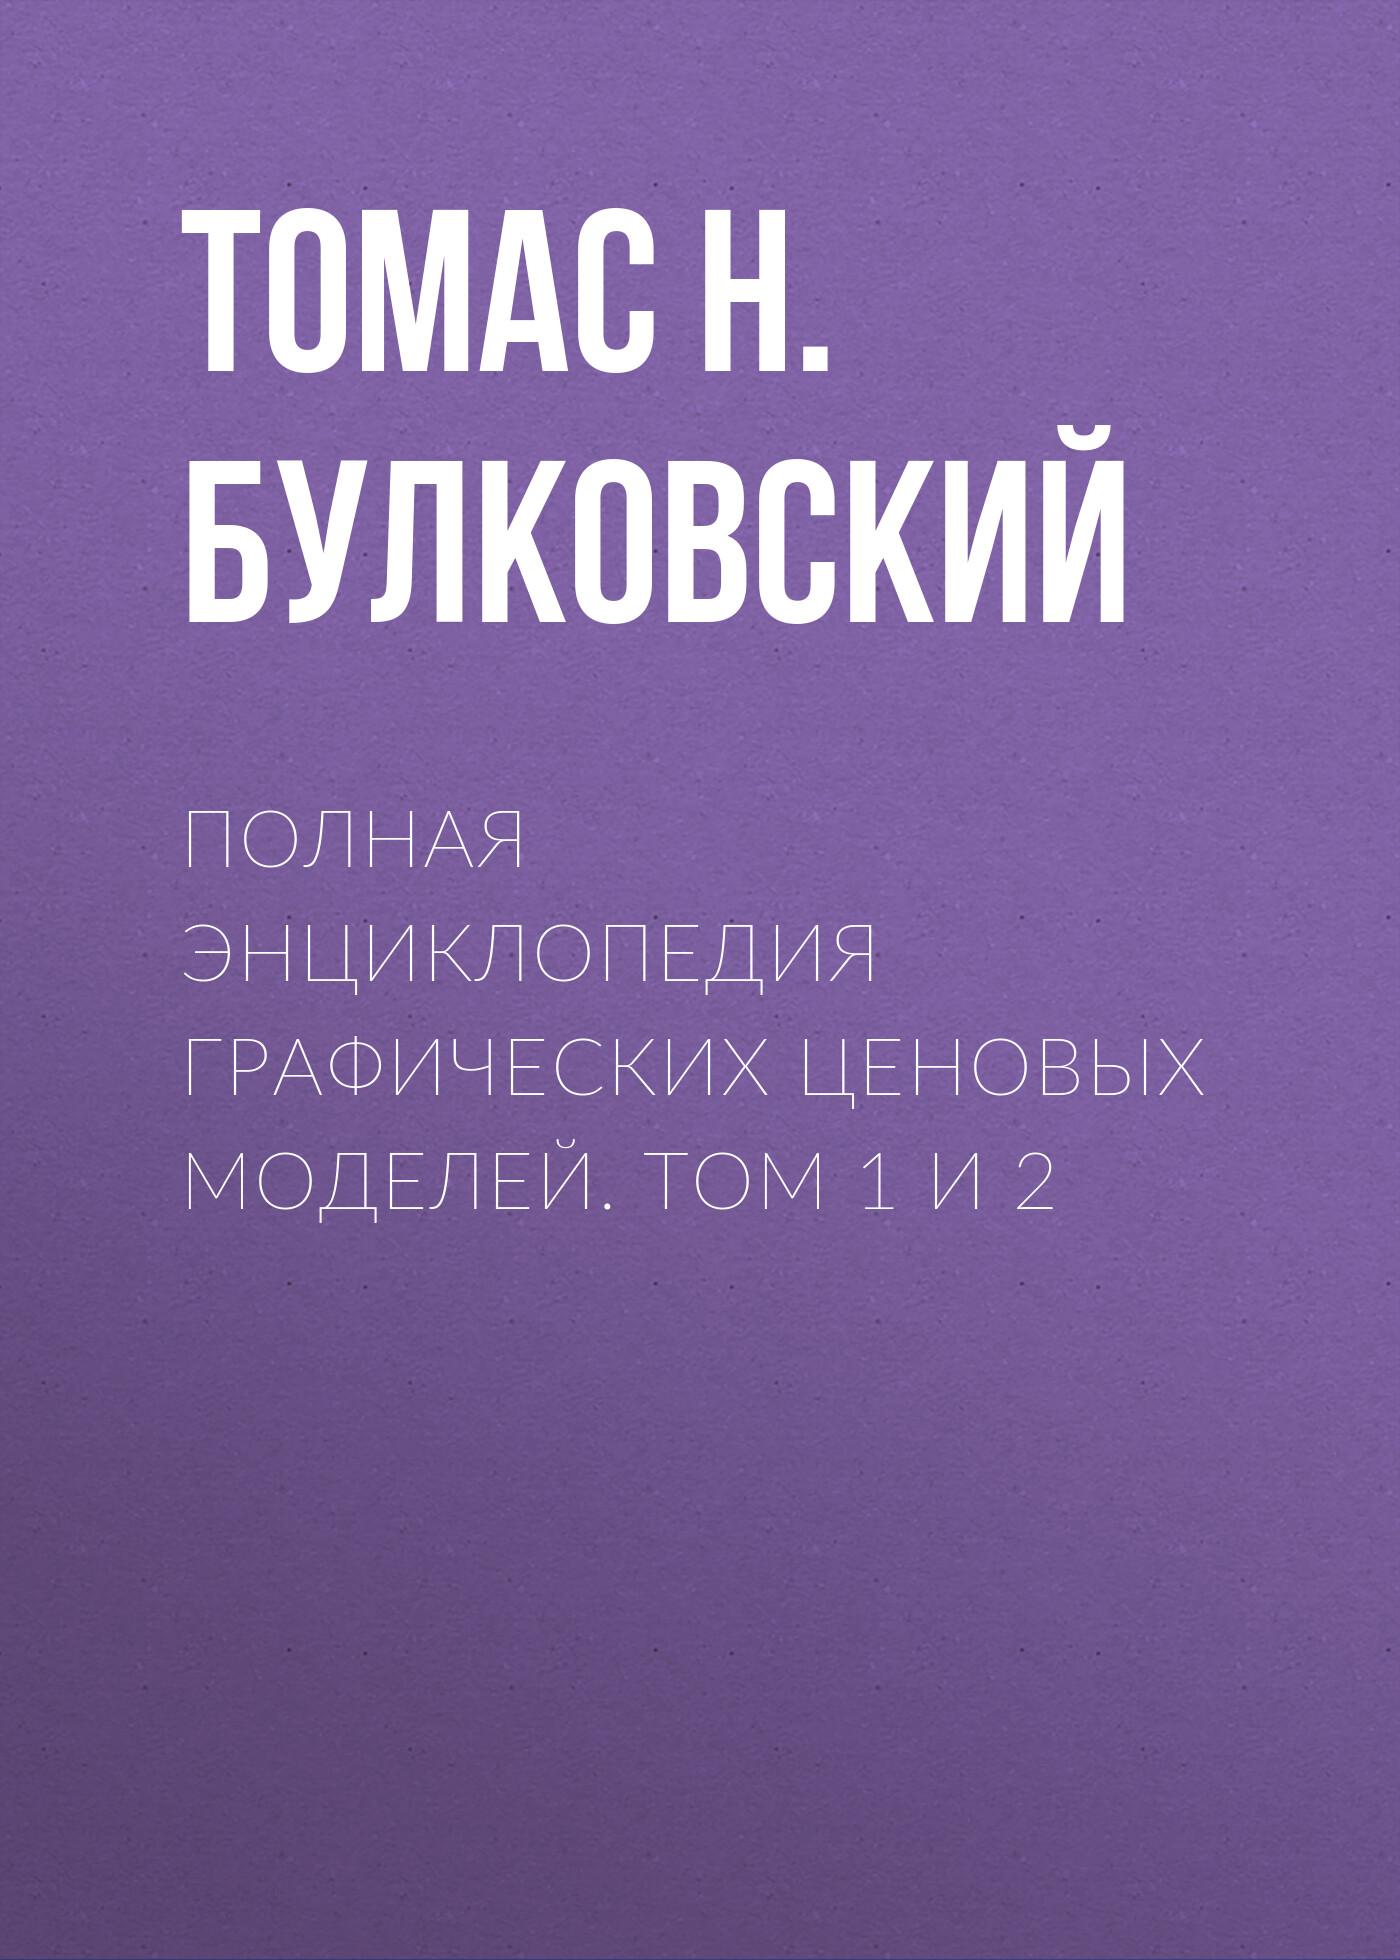 Томас Н. Булковски Полная энциклопедия графических ценовых моделей грегори моррис 0 японские свечи метод анализа акций и фьючерсов проверенный временем